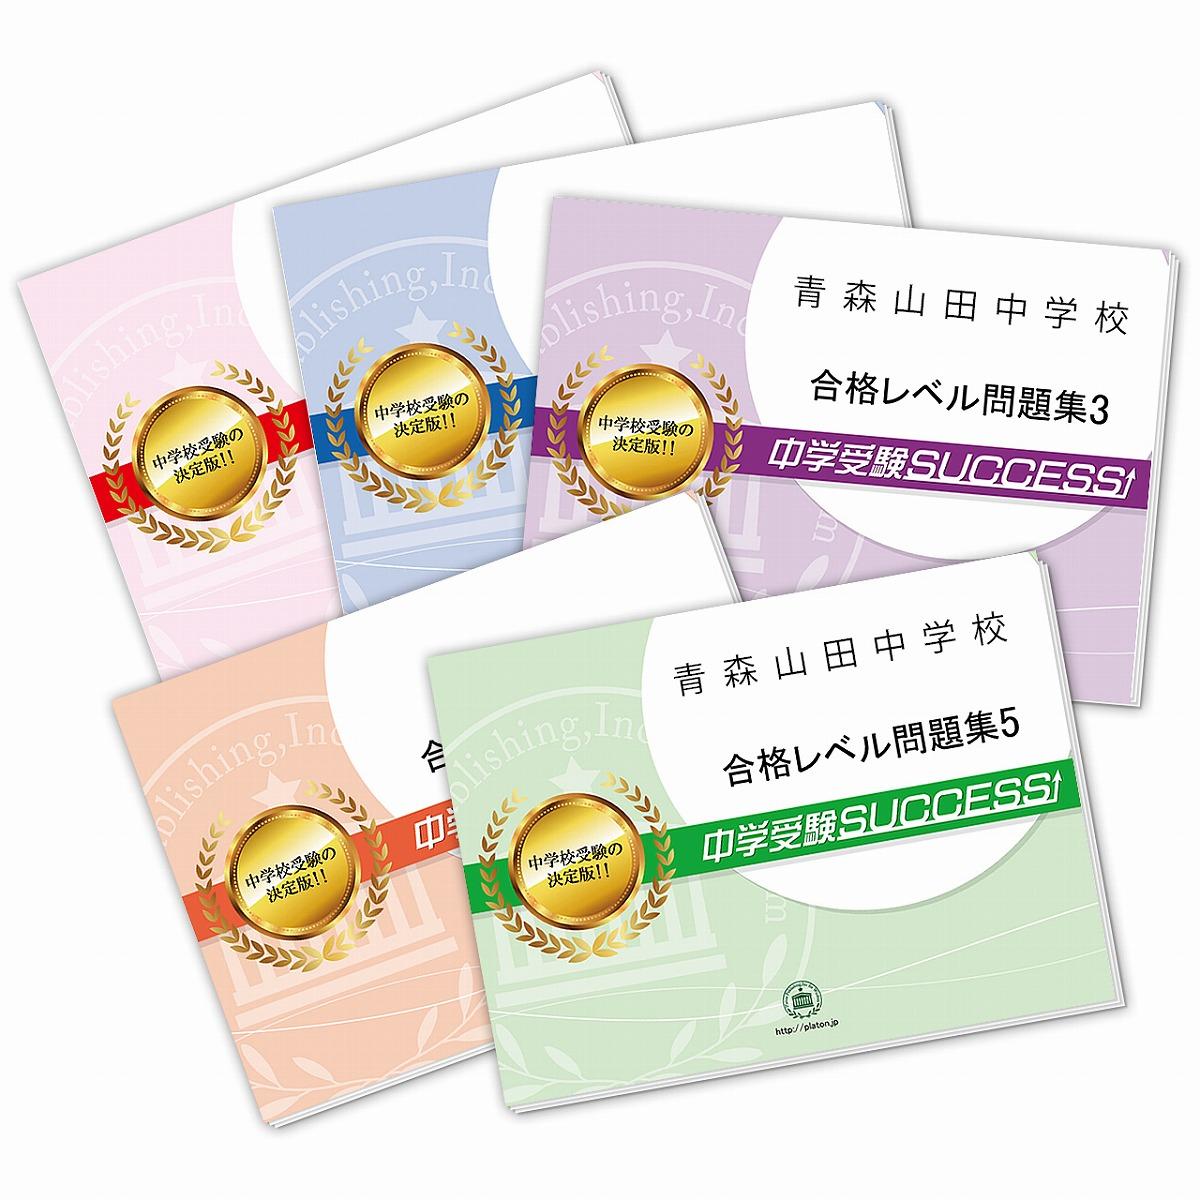 【送料・代引手数料無料】青森山田中学校・直前対策合格セット(5冊)